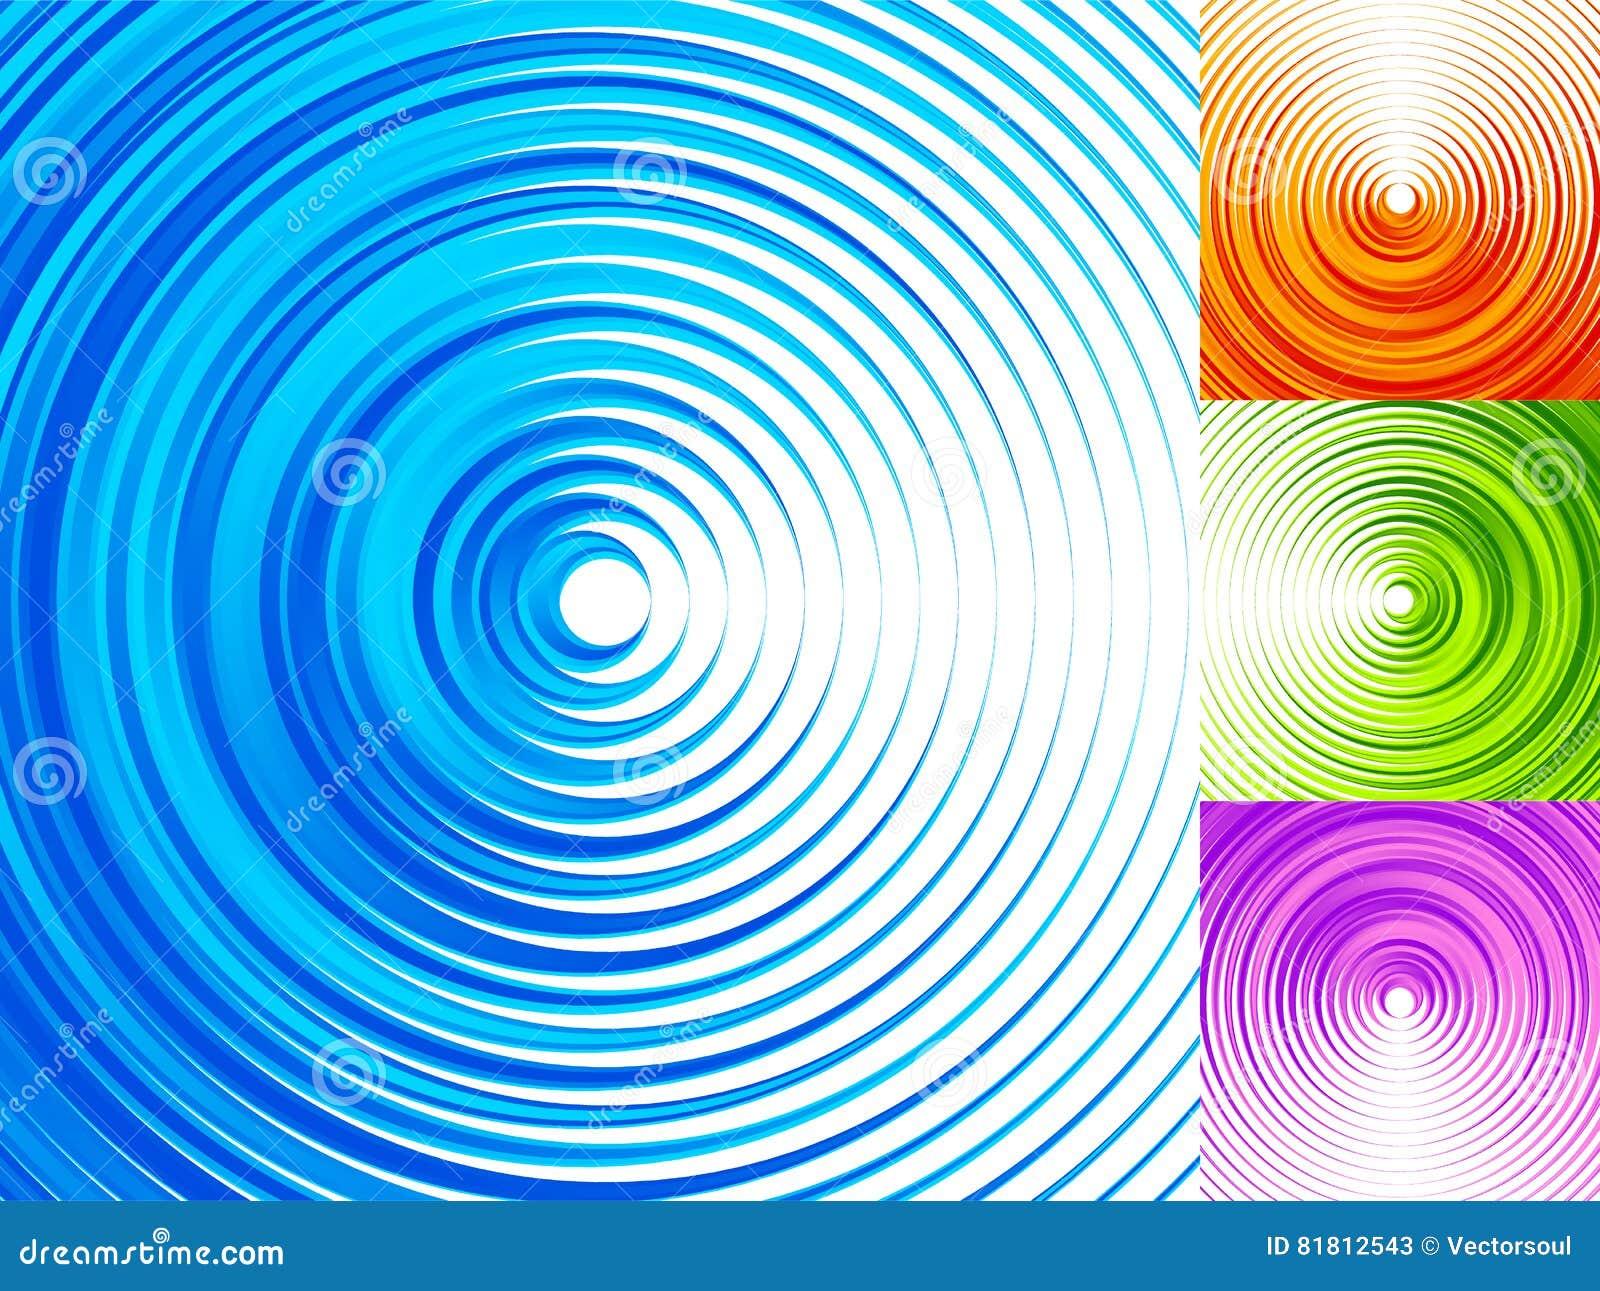 Красочные элементы концентрического круга 4 яркое, яркий, живой co